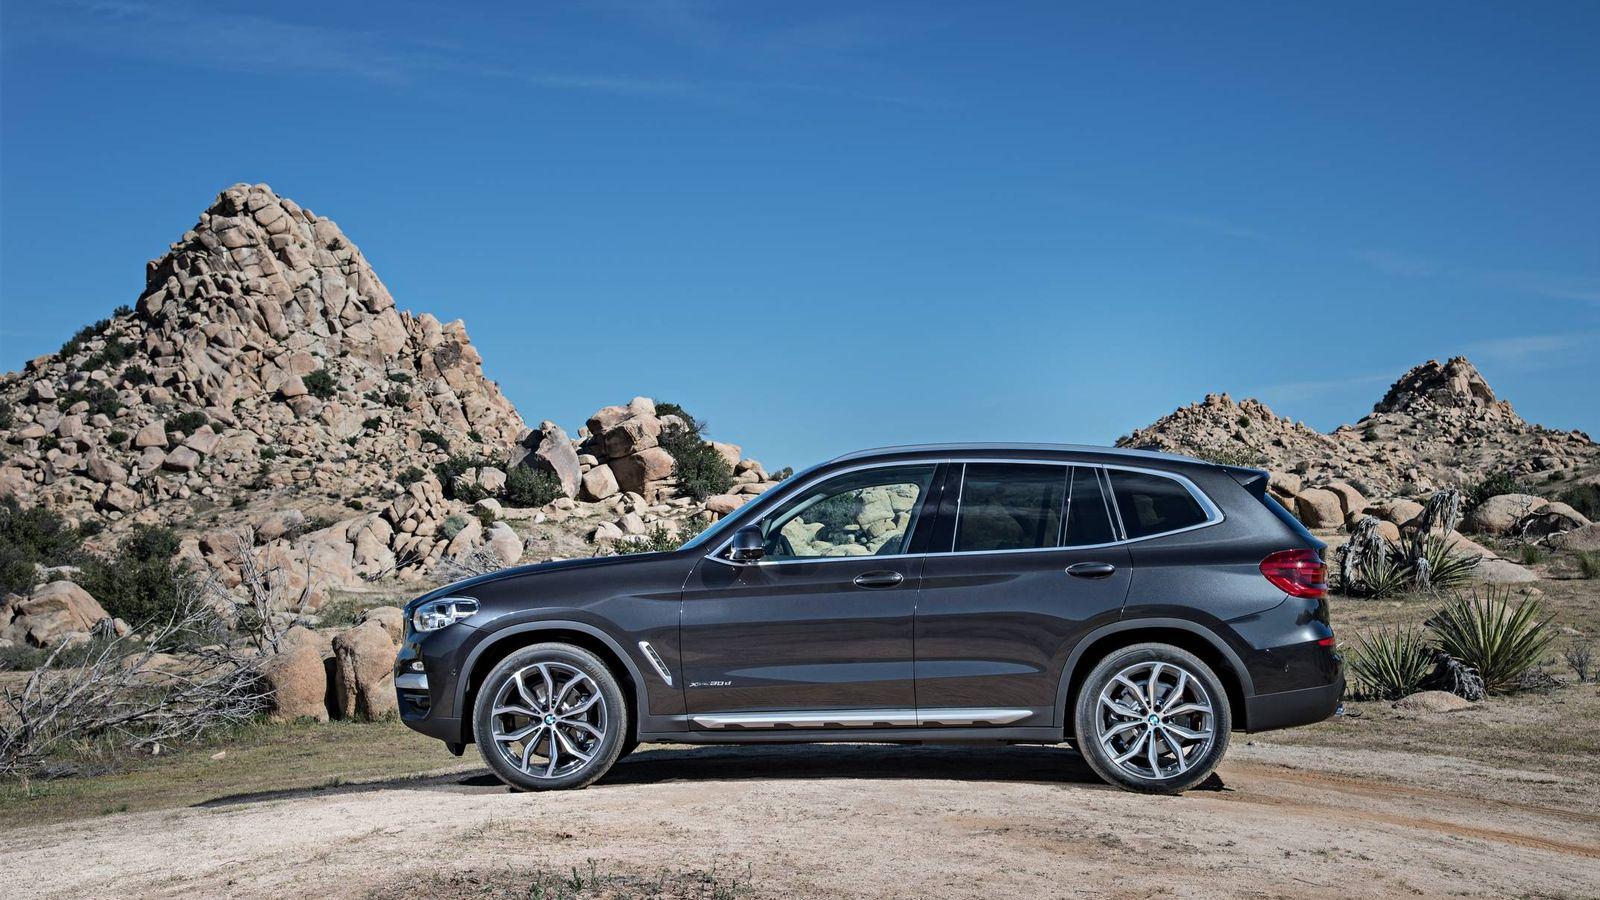 Foto: Ya se comercializa en España el nuevo X3, el todocamino compacto de BMW.